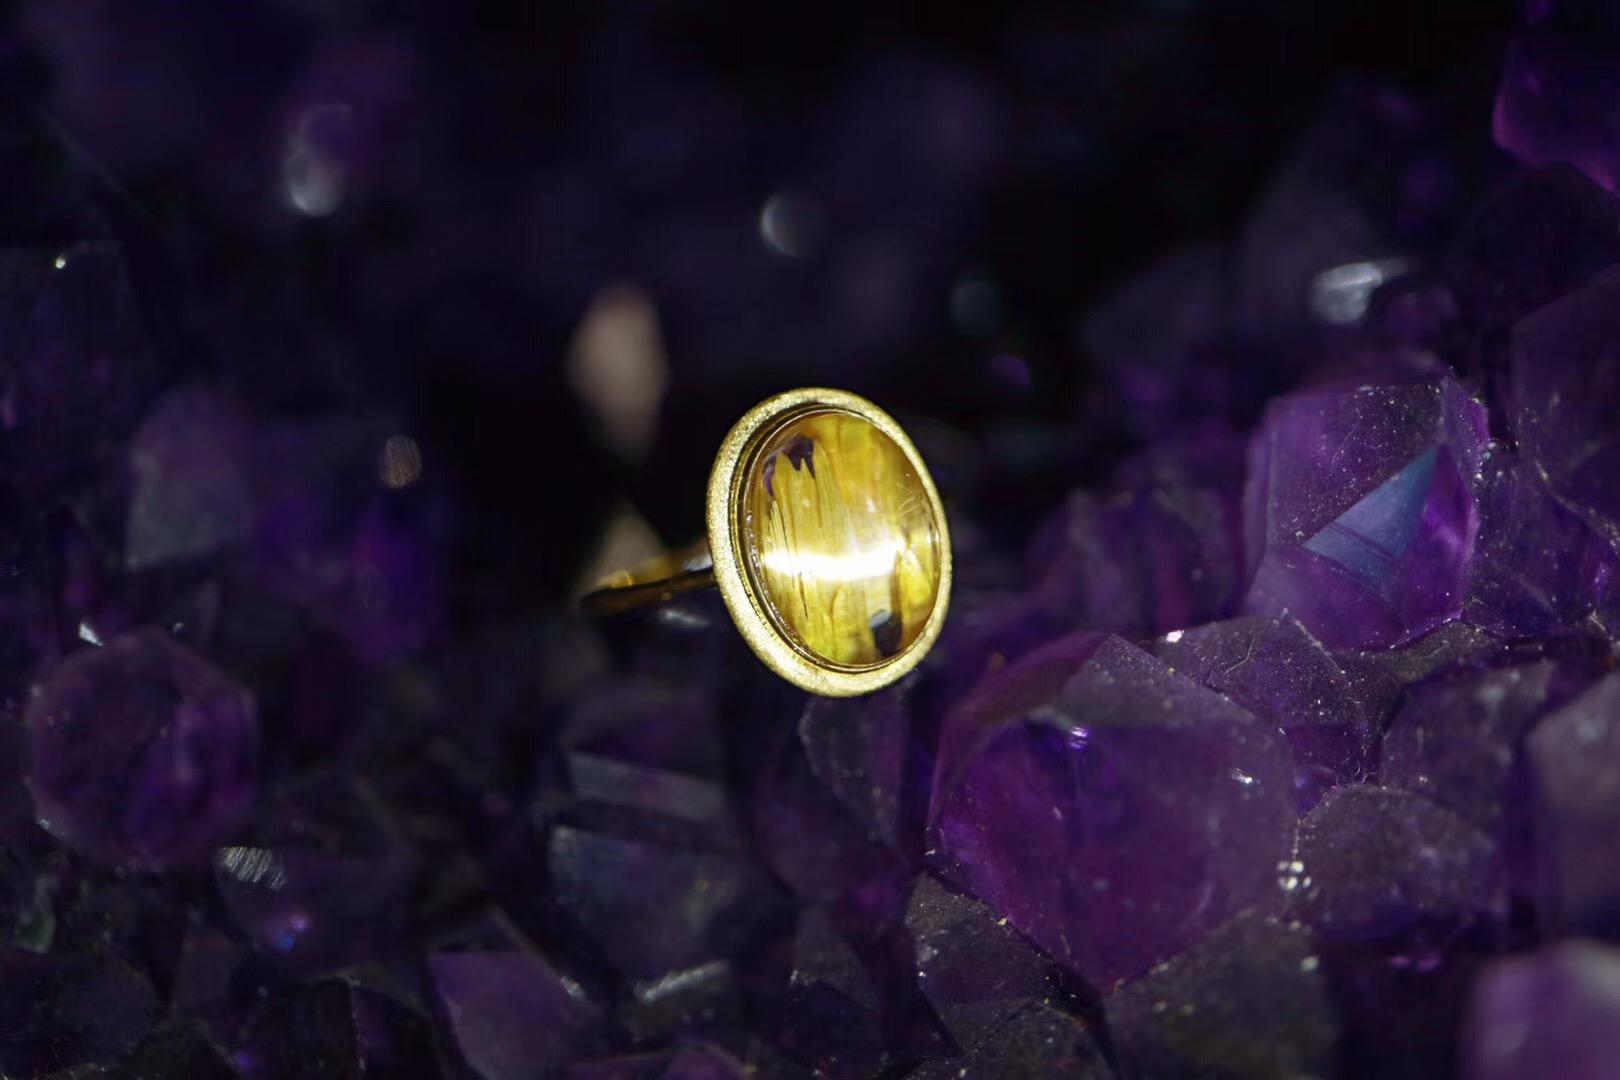 【菩心钛晶💍 | 18k】 亮晶晶✨滴小太阳,得瑟的小灵物-菩心晶舍